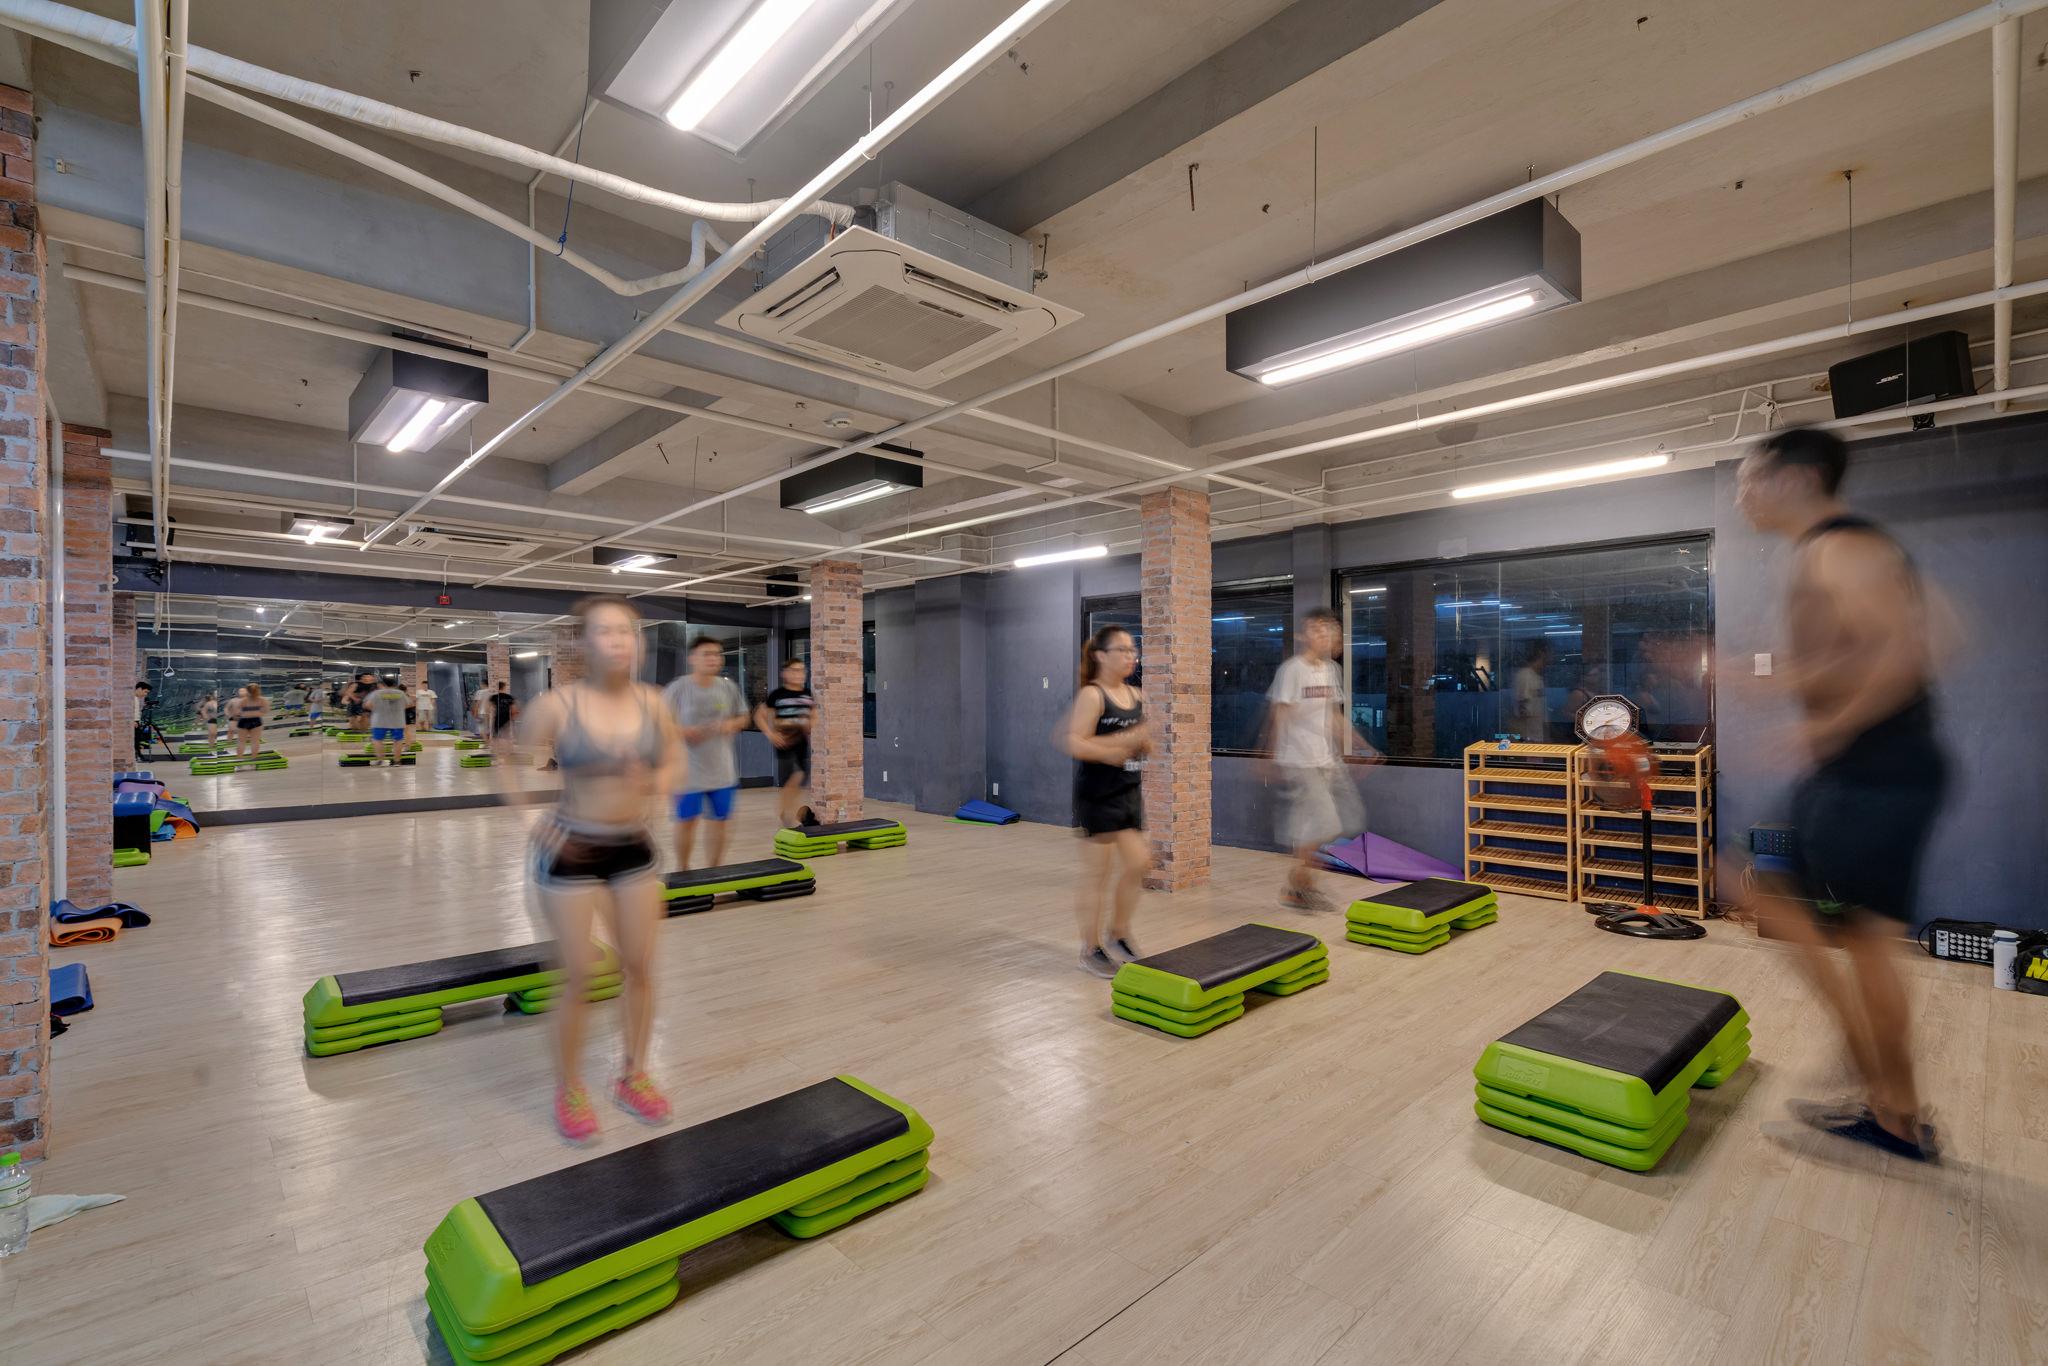 20180504 - Fox fitness - Interior - 41.jpg